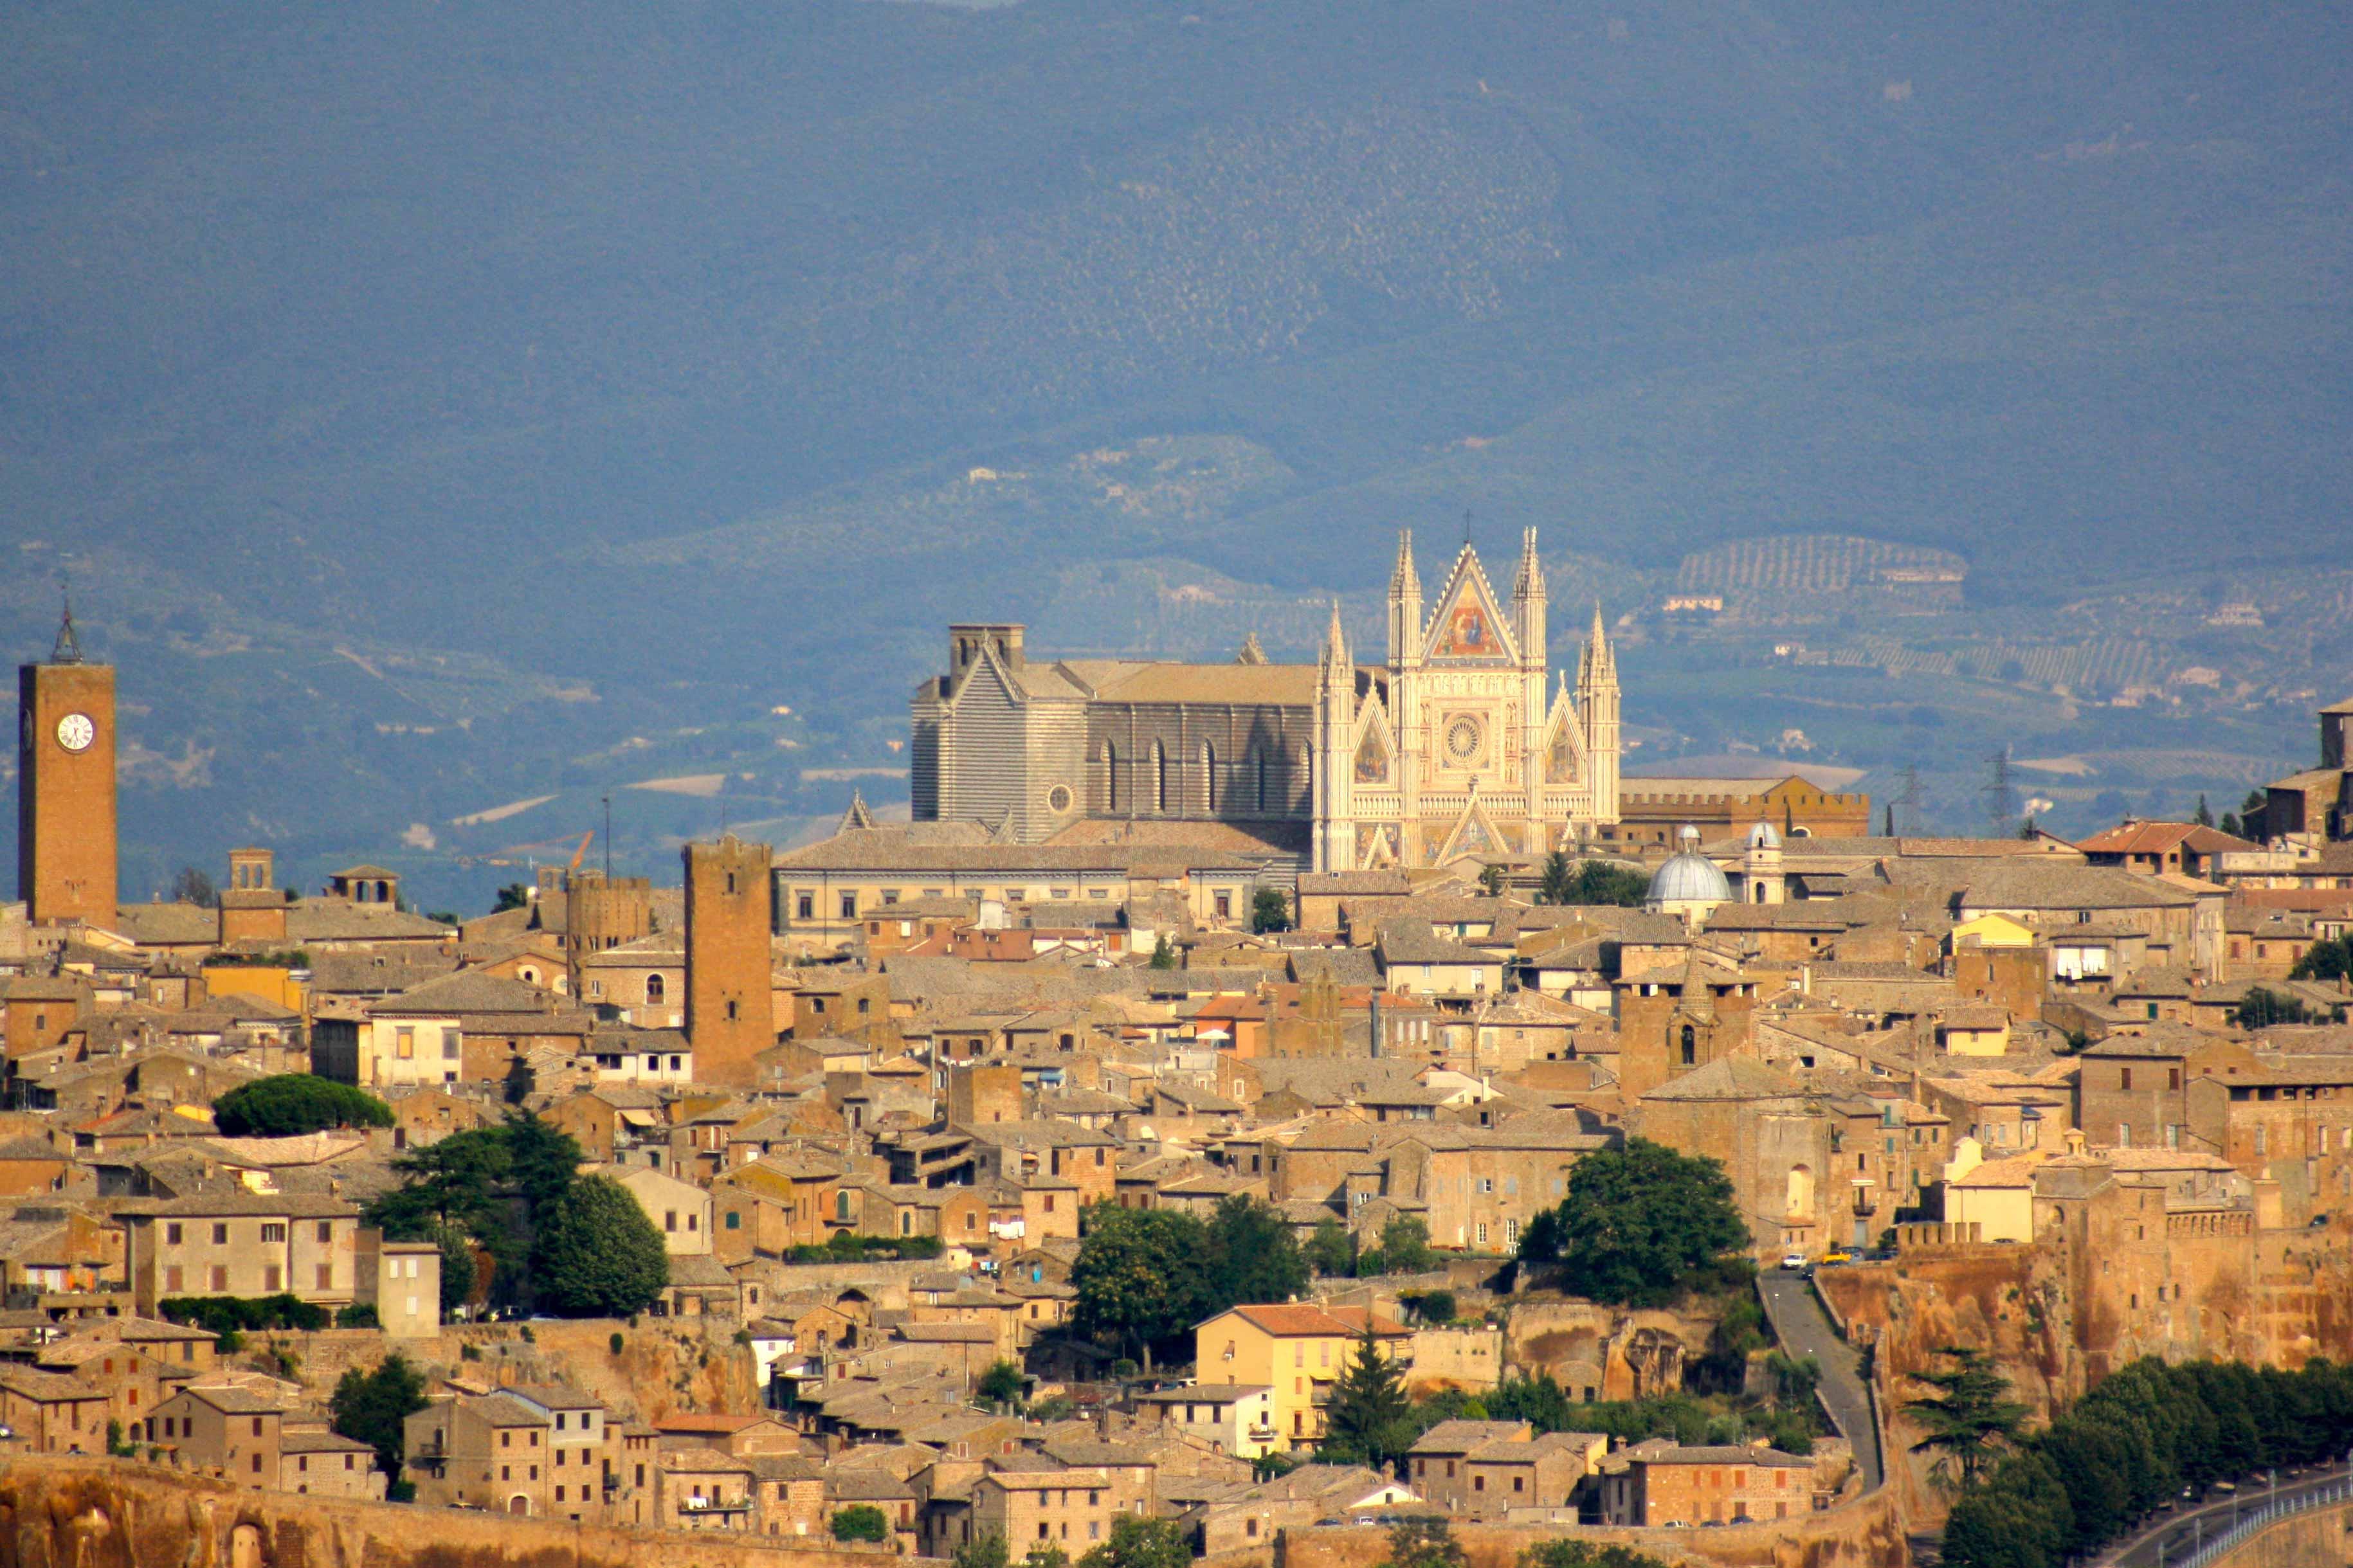 orvieto city in italy - photo #25